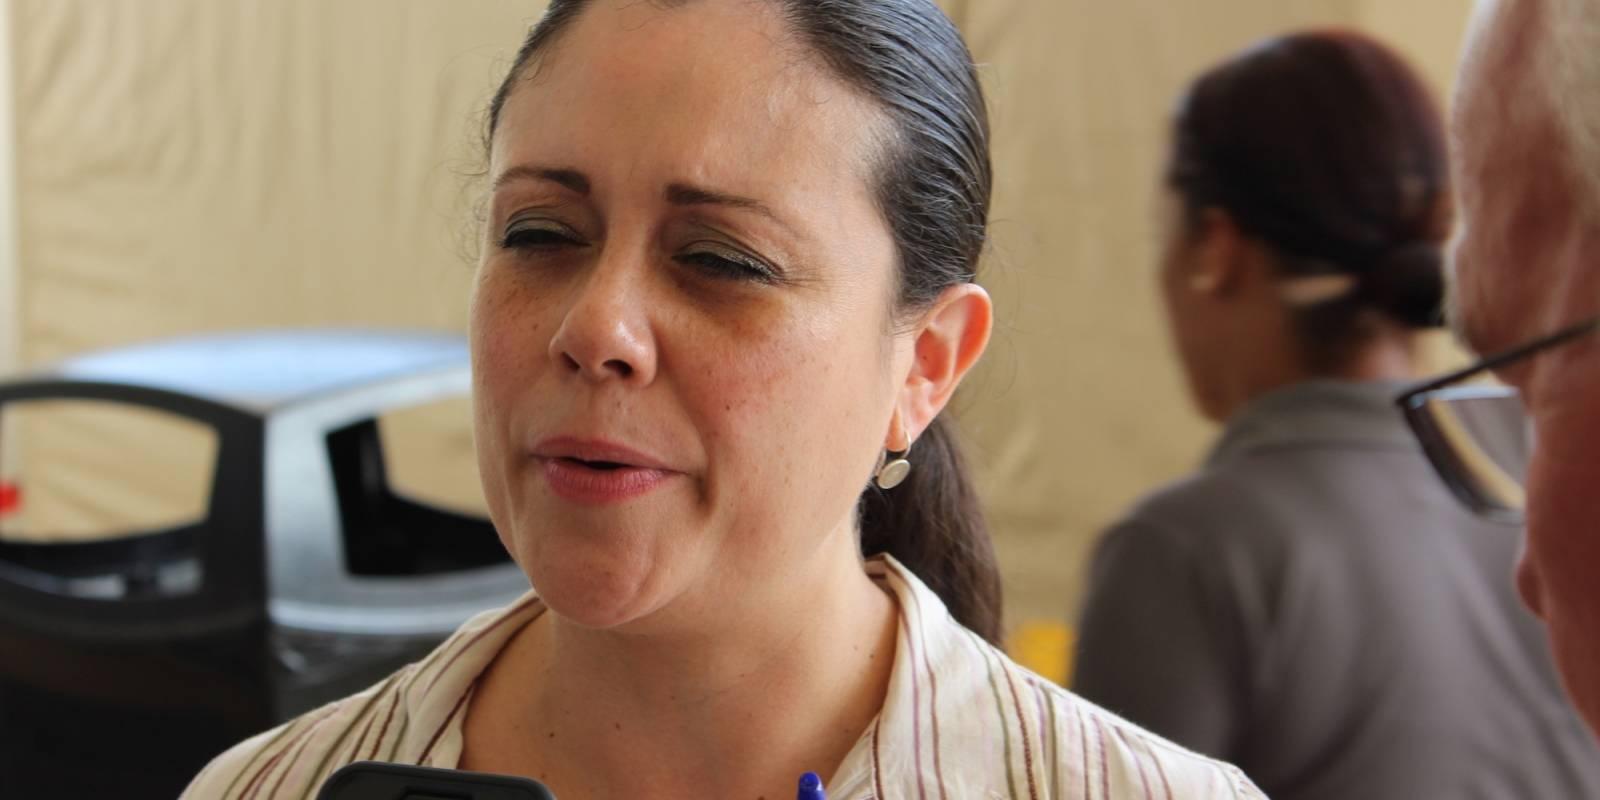 Ruthmaris Nieves Martínez aseguró que Centro Médico mantiene los controles adecuados para evitar bacterias e infecciones. / Foto: Miguel Dejesús